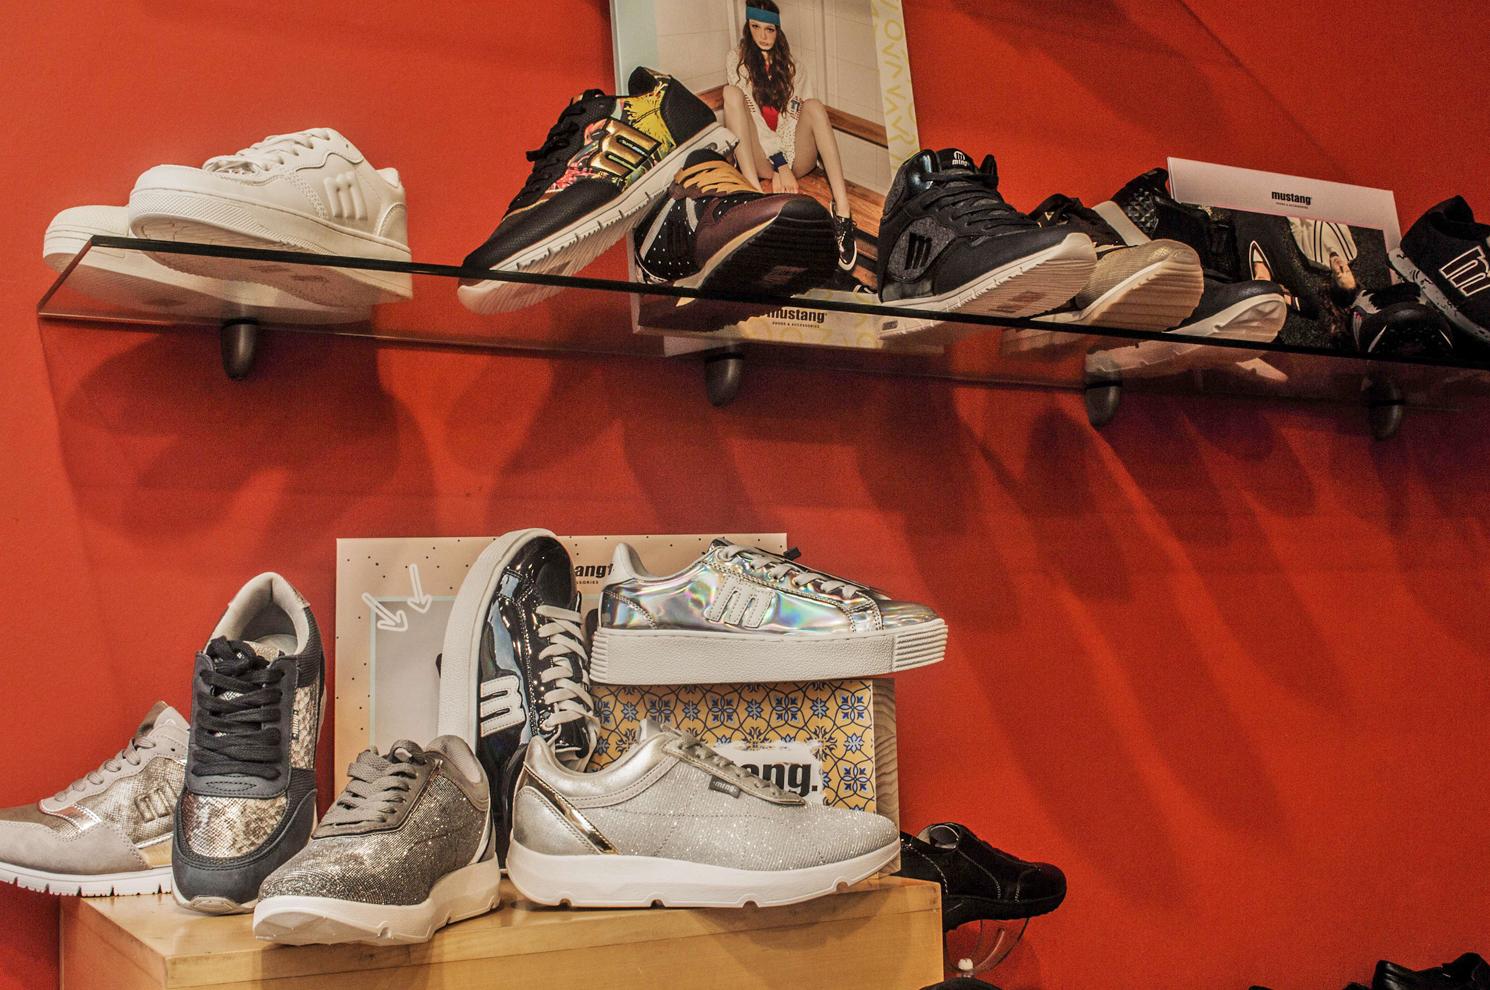 Zapatillas deportivas para mujer en Arteixo